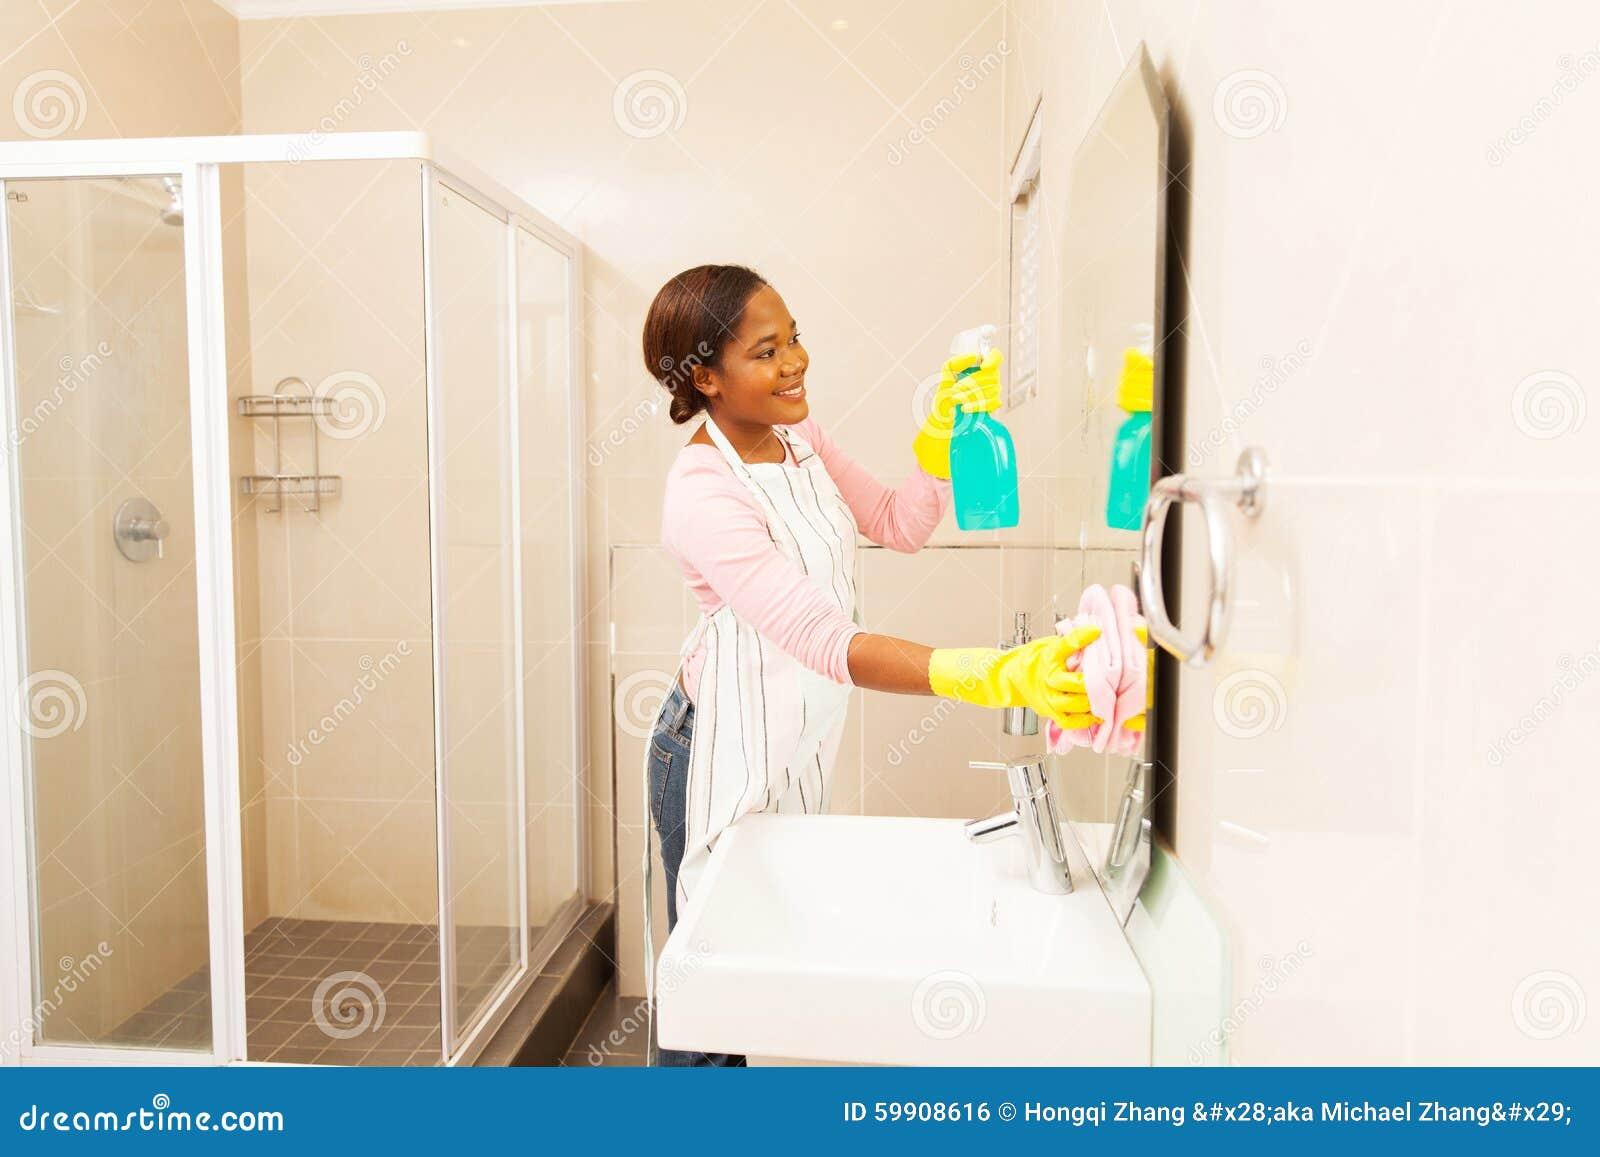 Salle De Bain Qui Pue L'Humidite ~ salle de bains africaine de nettoyage de femme photo stock image